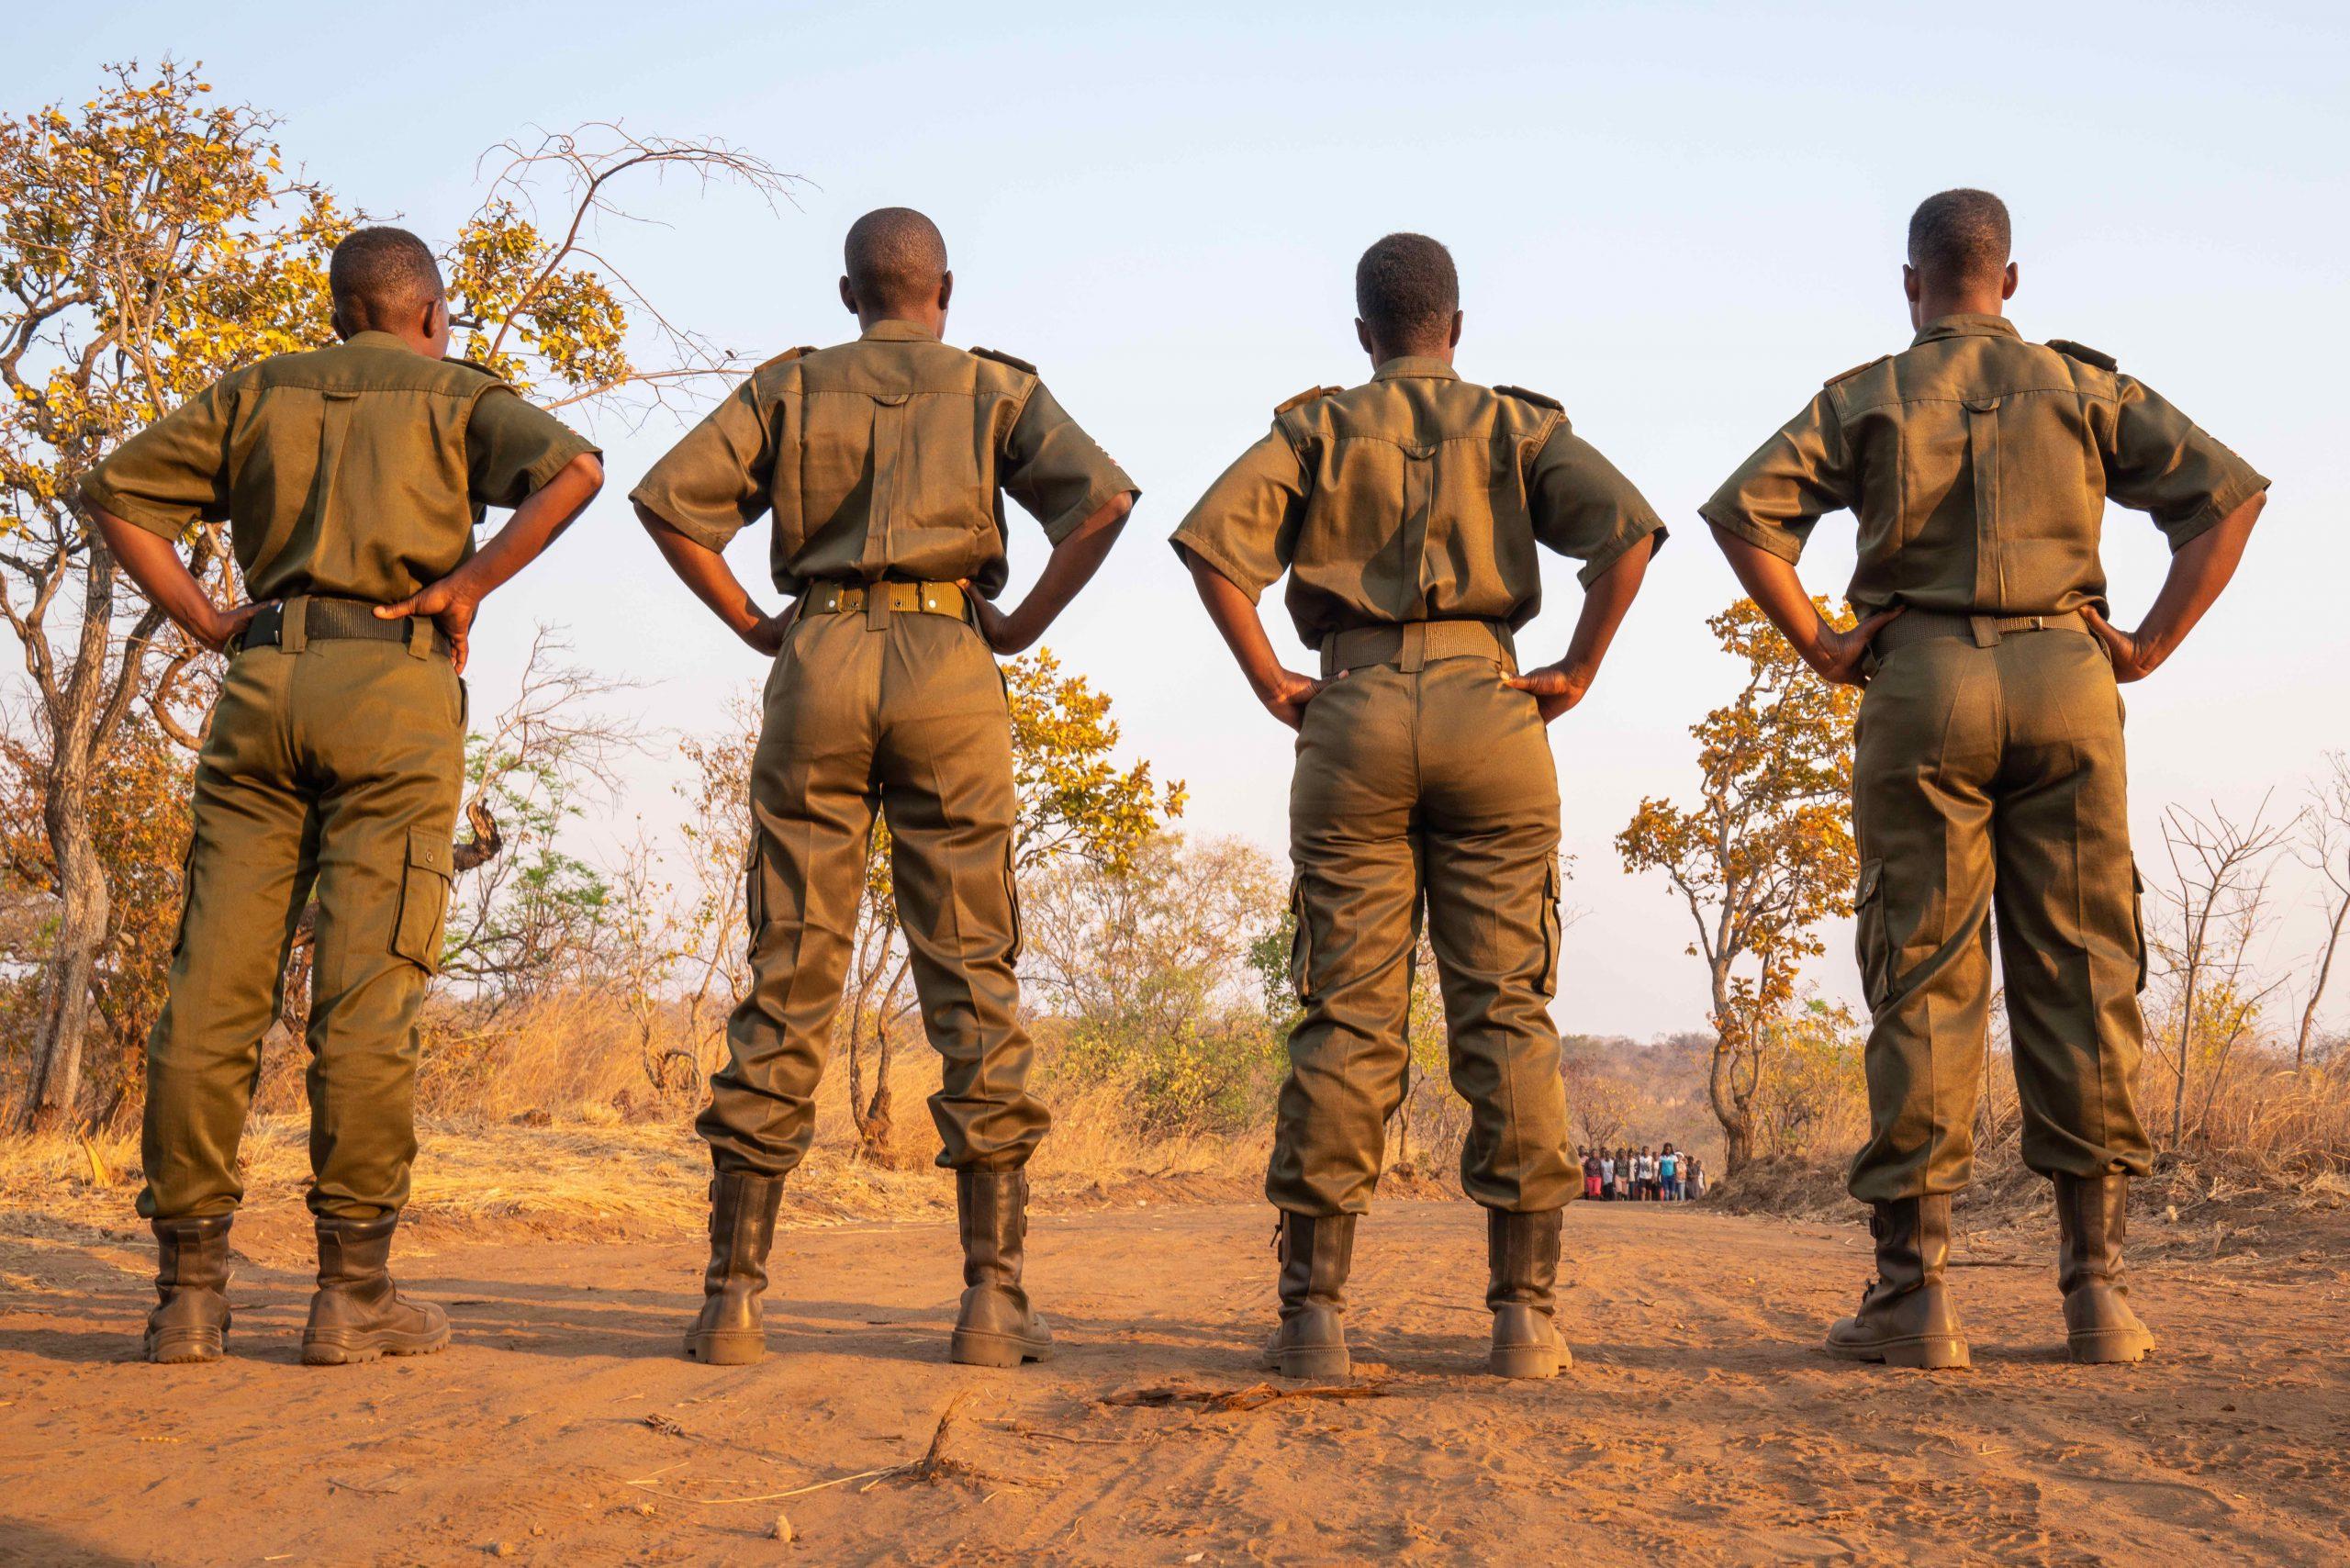 Akashinga, The Brave Ones Premieres on World Elephant Day